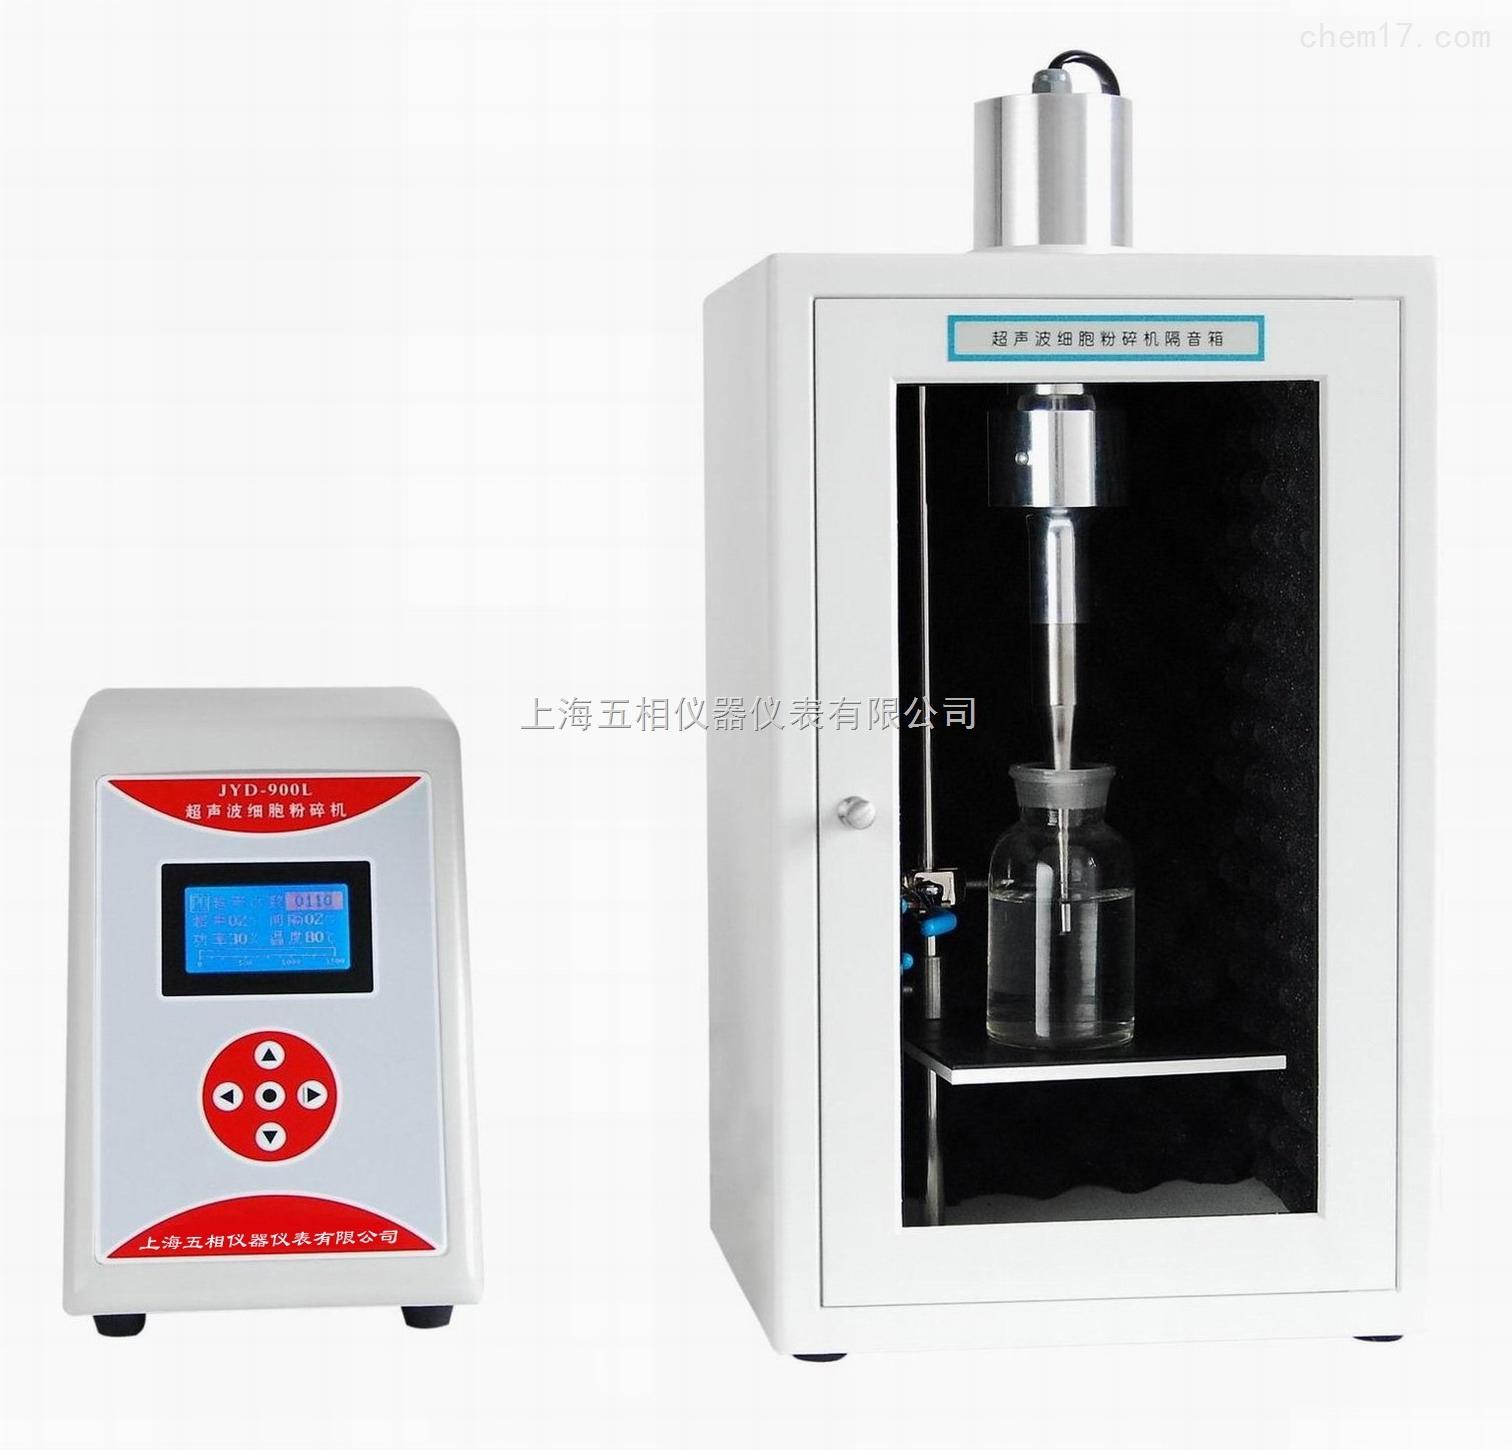 超声波细胞破碎仪jyd-900l-上海五相仪器仪表有限